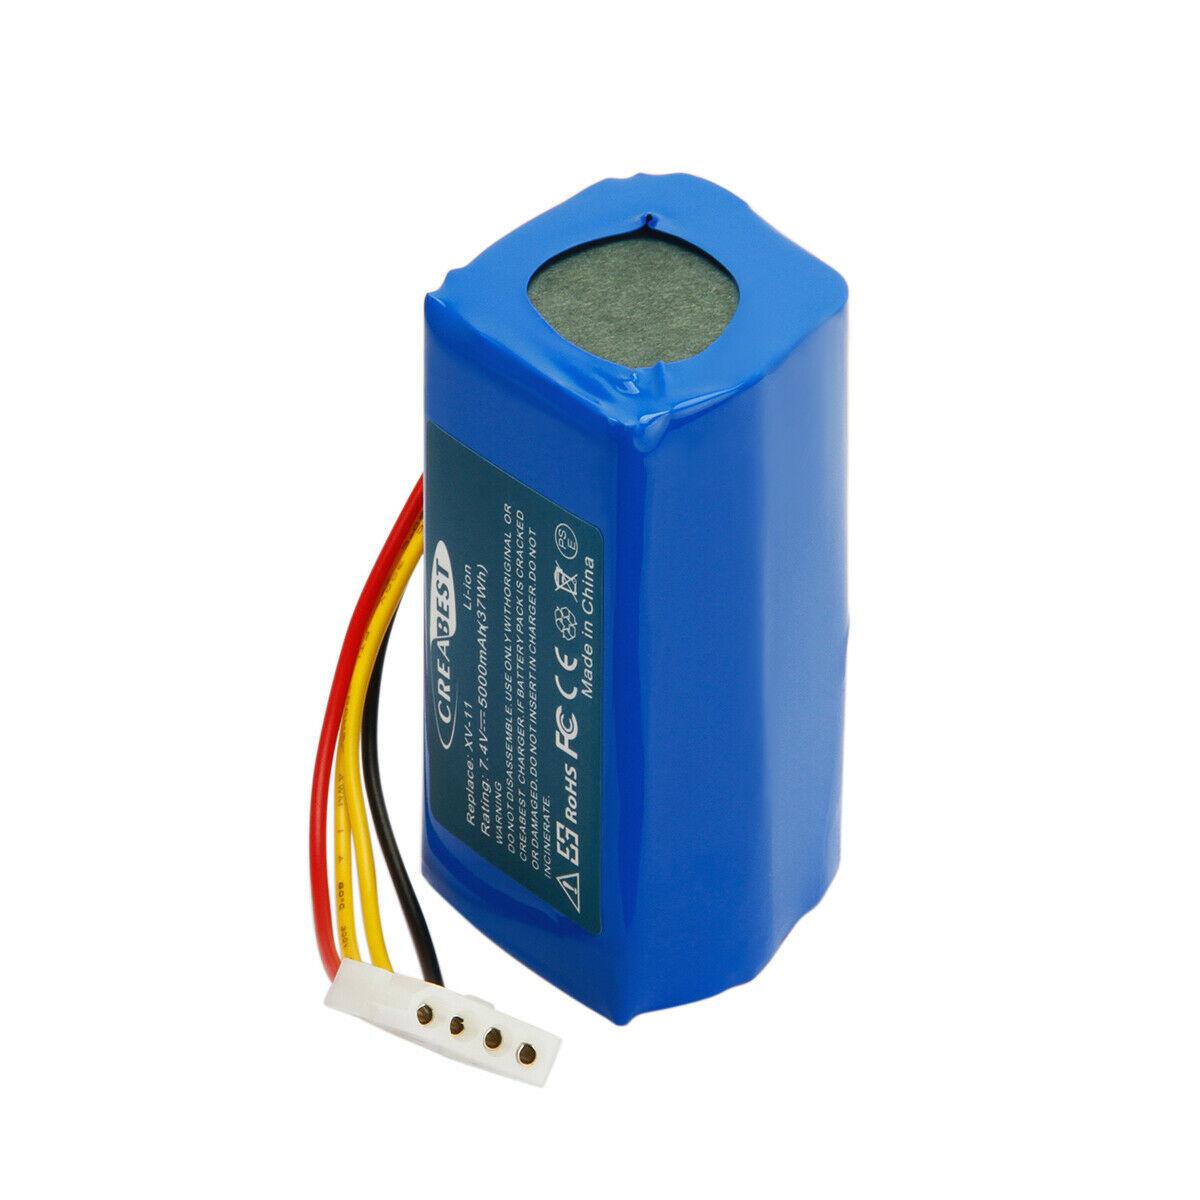 7.4V 5000mAh Li-Ion Neato 945-0005,945-0006,945-0024,205-0001,XV-11,XV-14 (kompatibelt batteri)